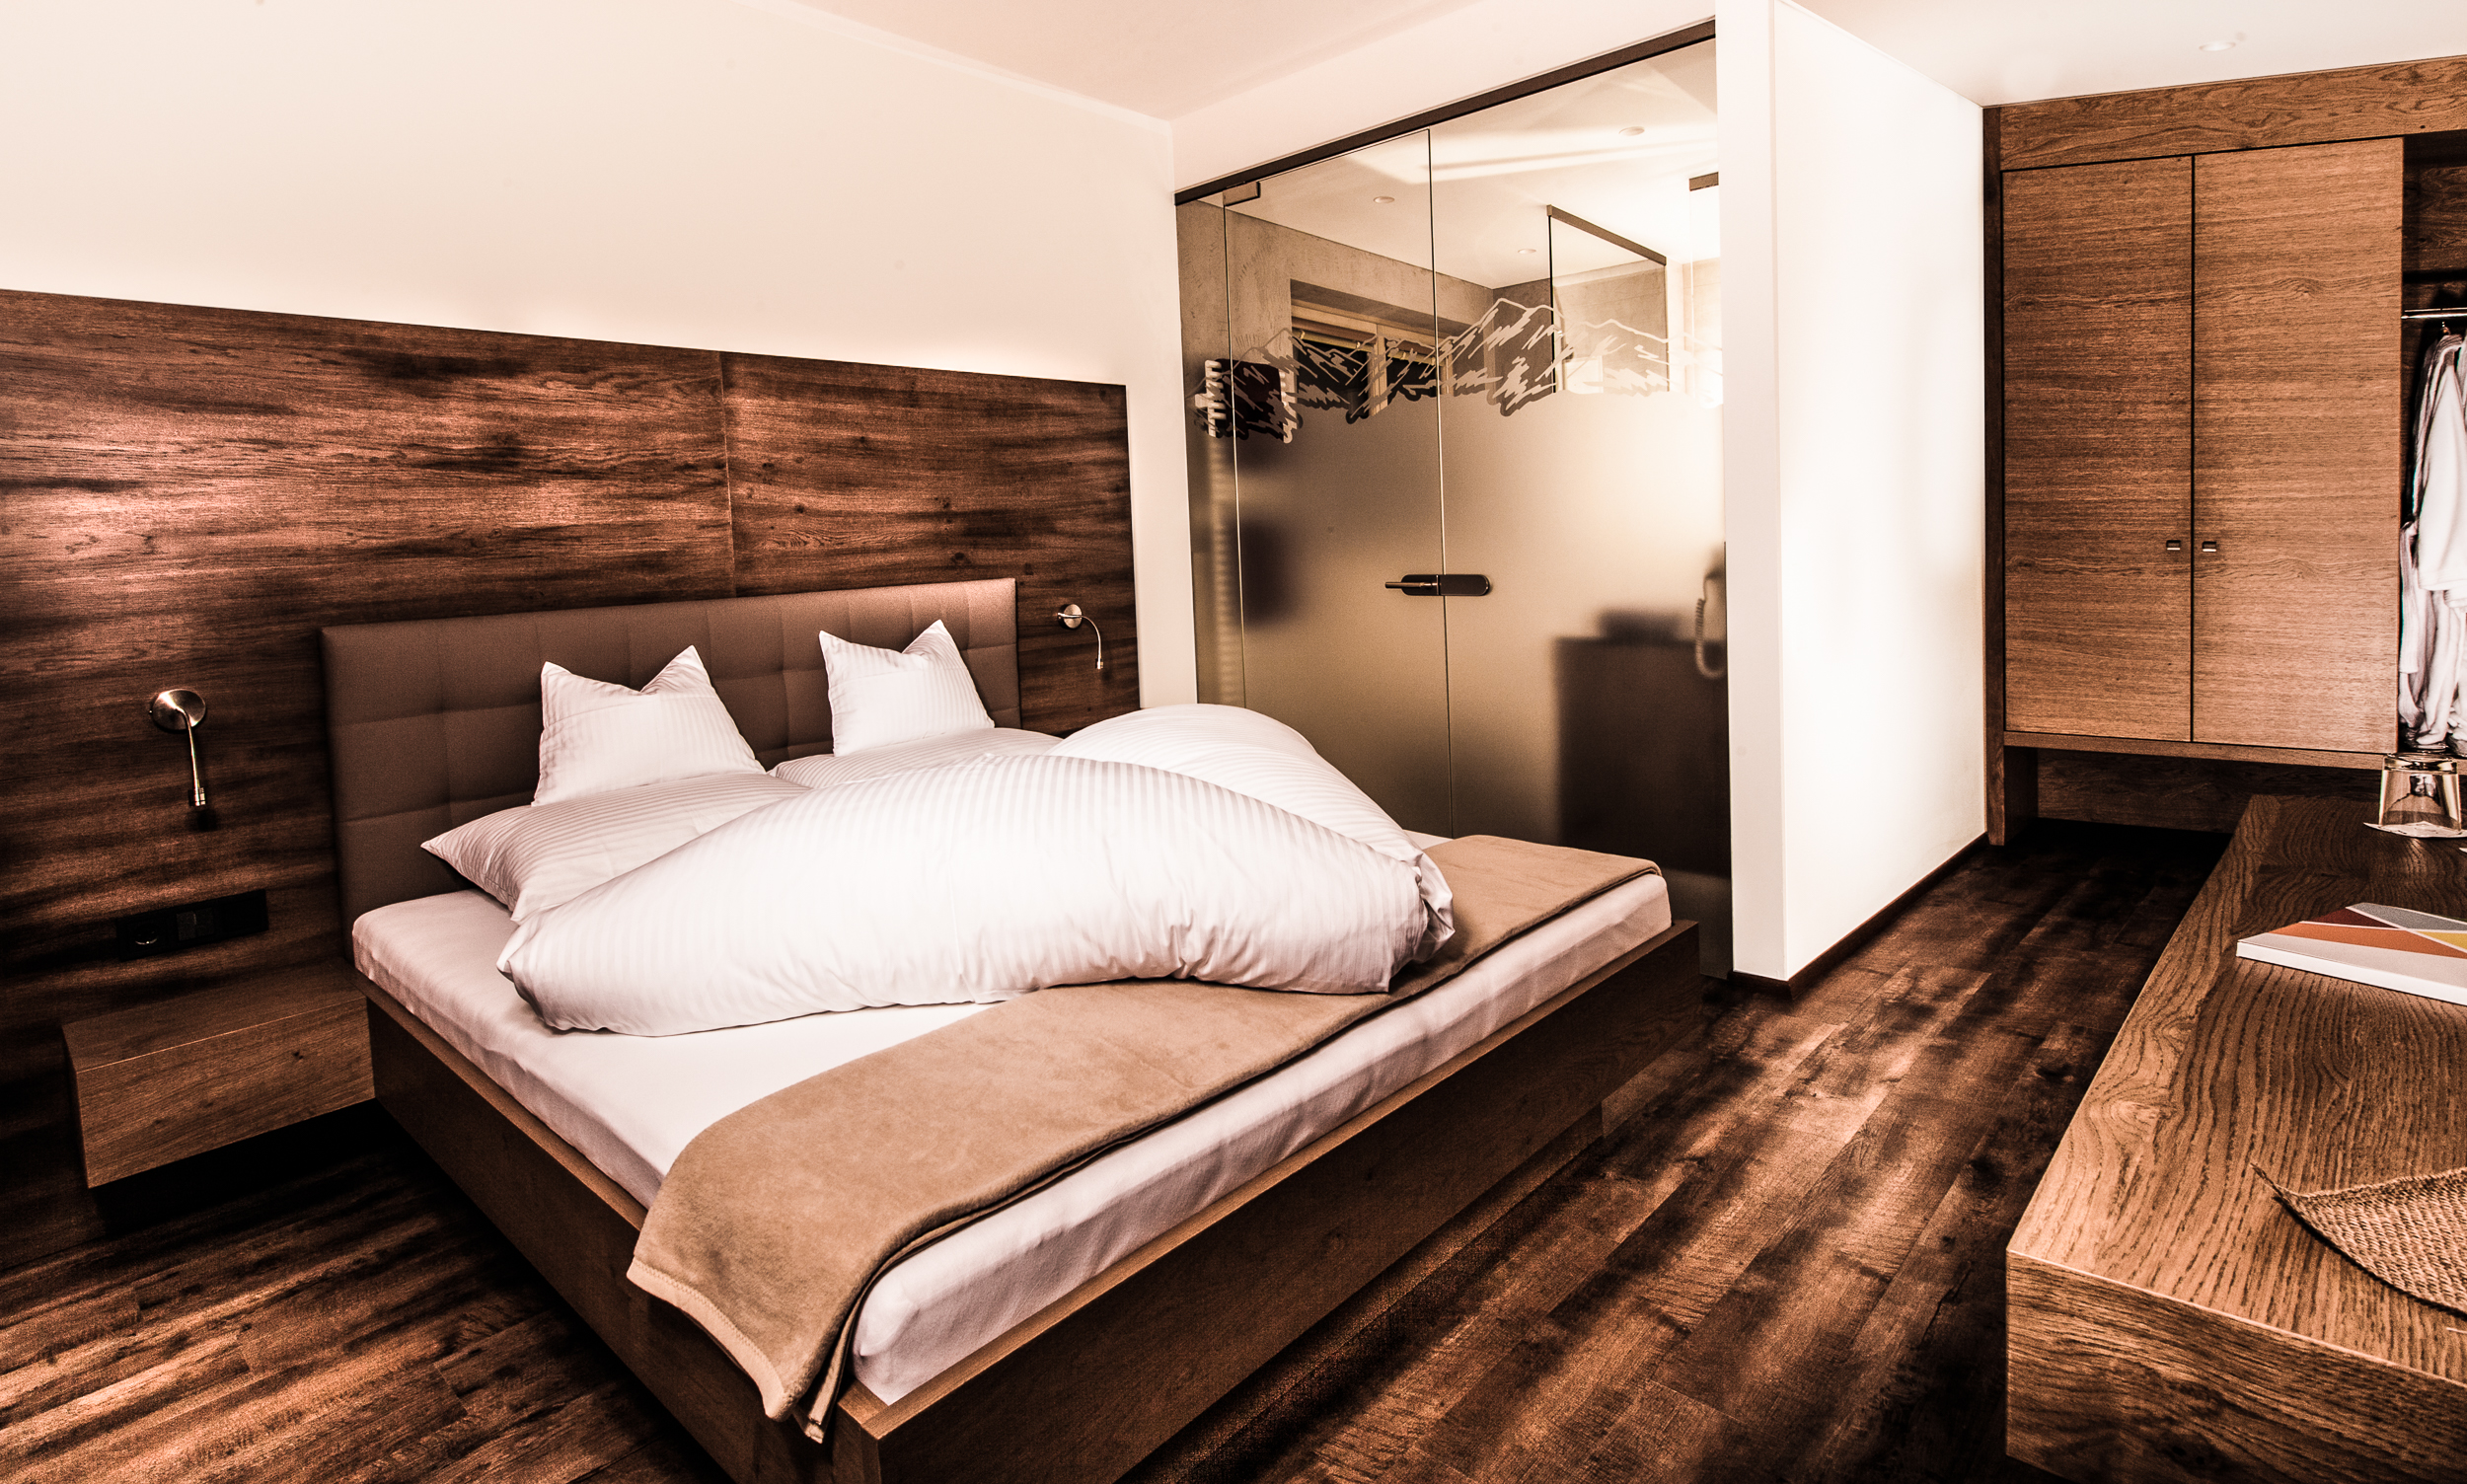 Appartement Tirol Schlafzimmer.jpg